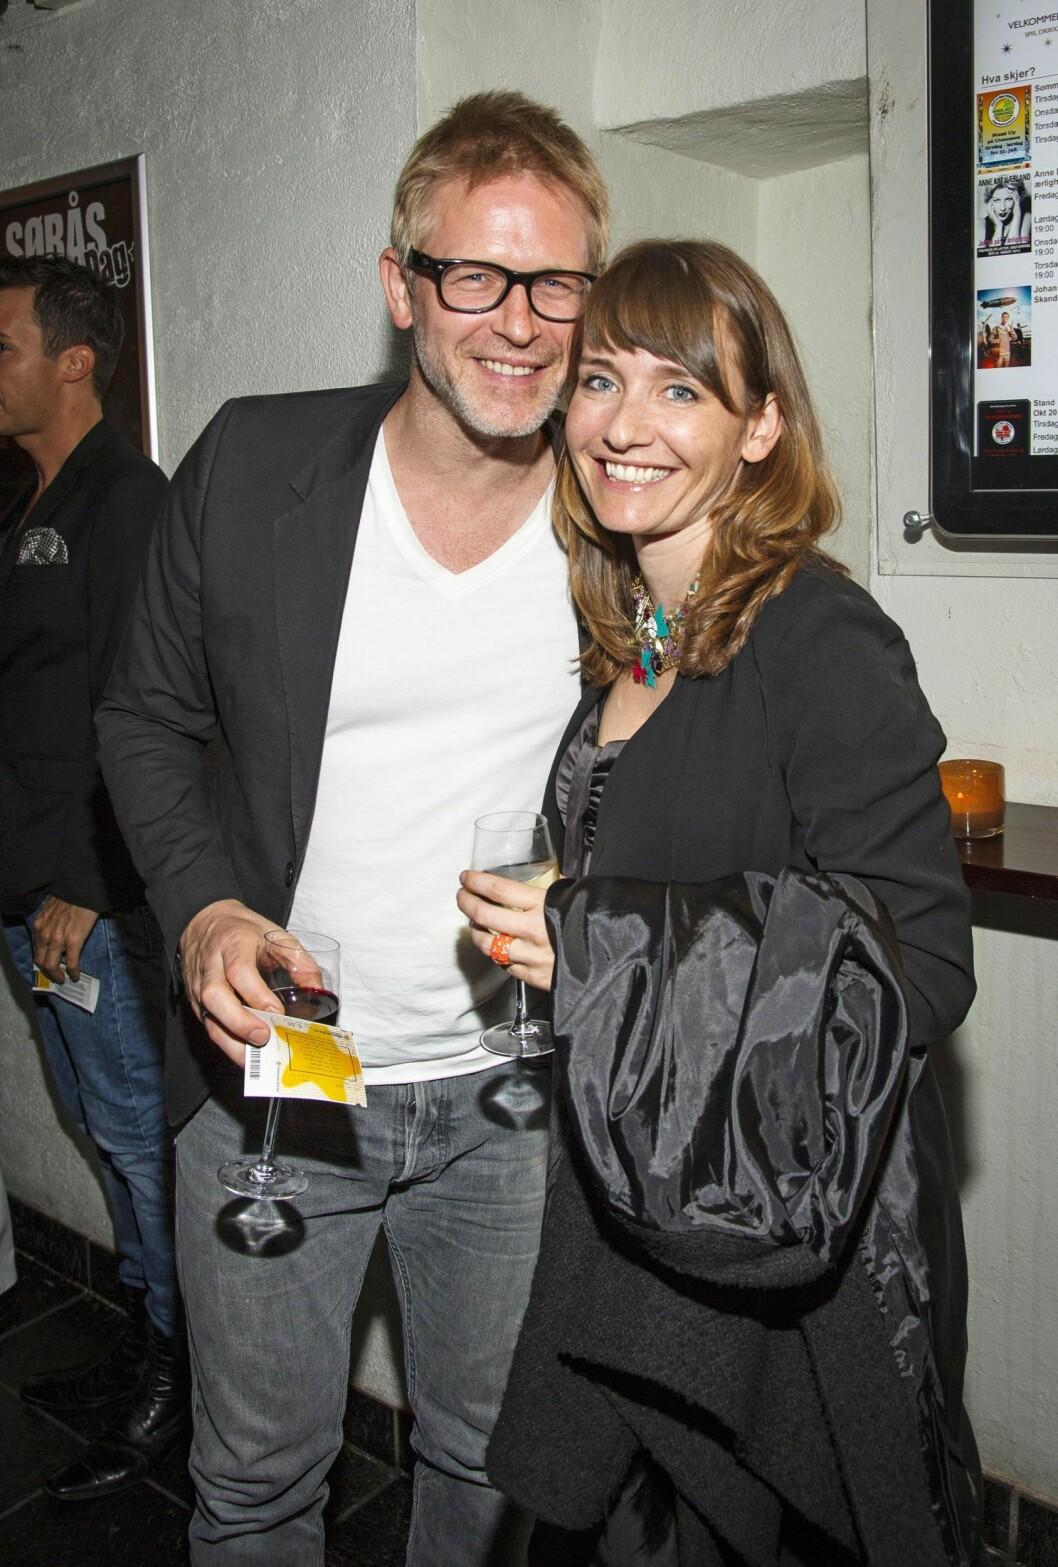 FORELDRE:Trond Espen Seim er gift med Cecilie Frostad Egeberg. Sammen har de to barn. Foto: Tor Lindseth